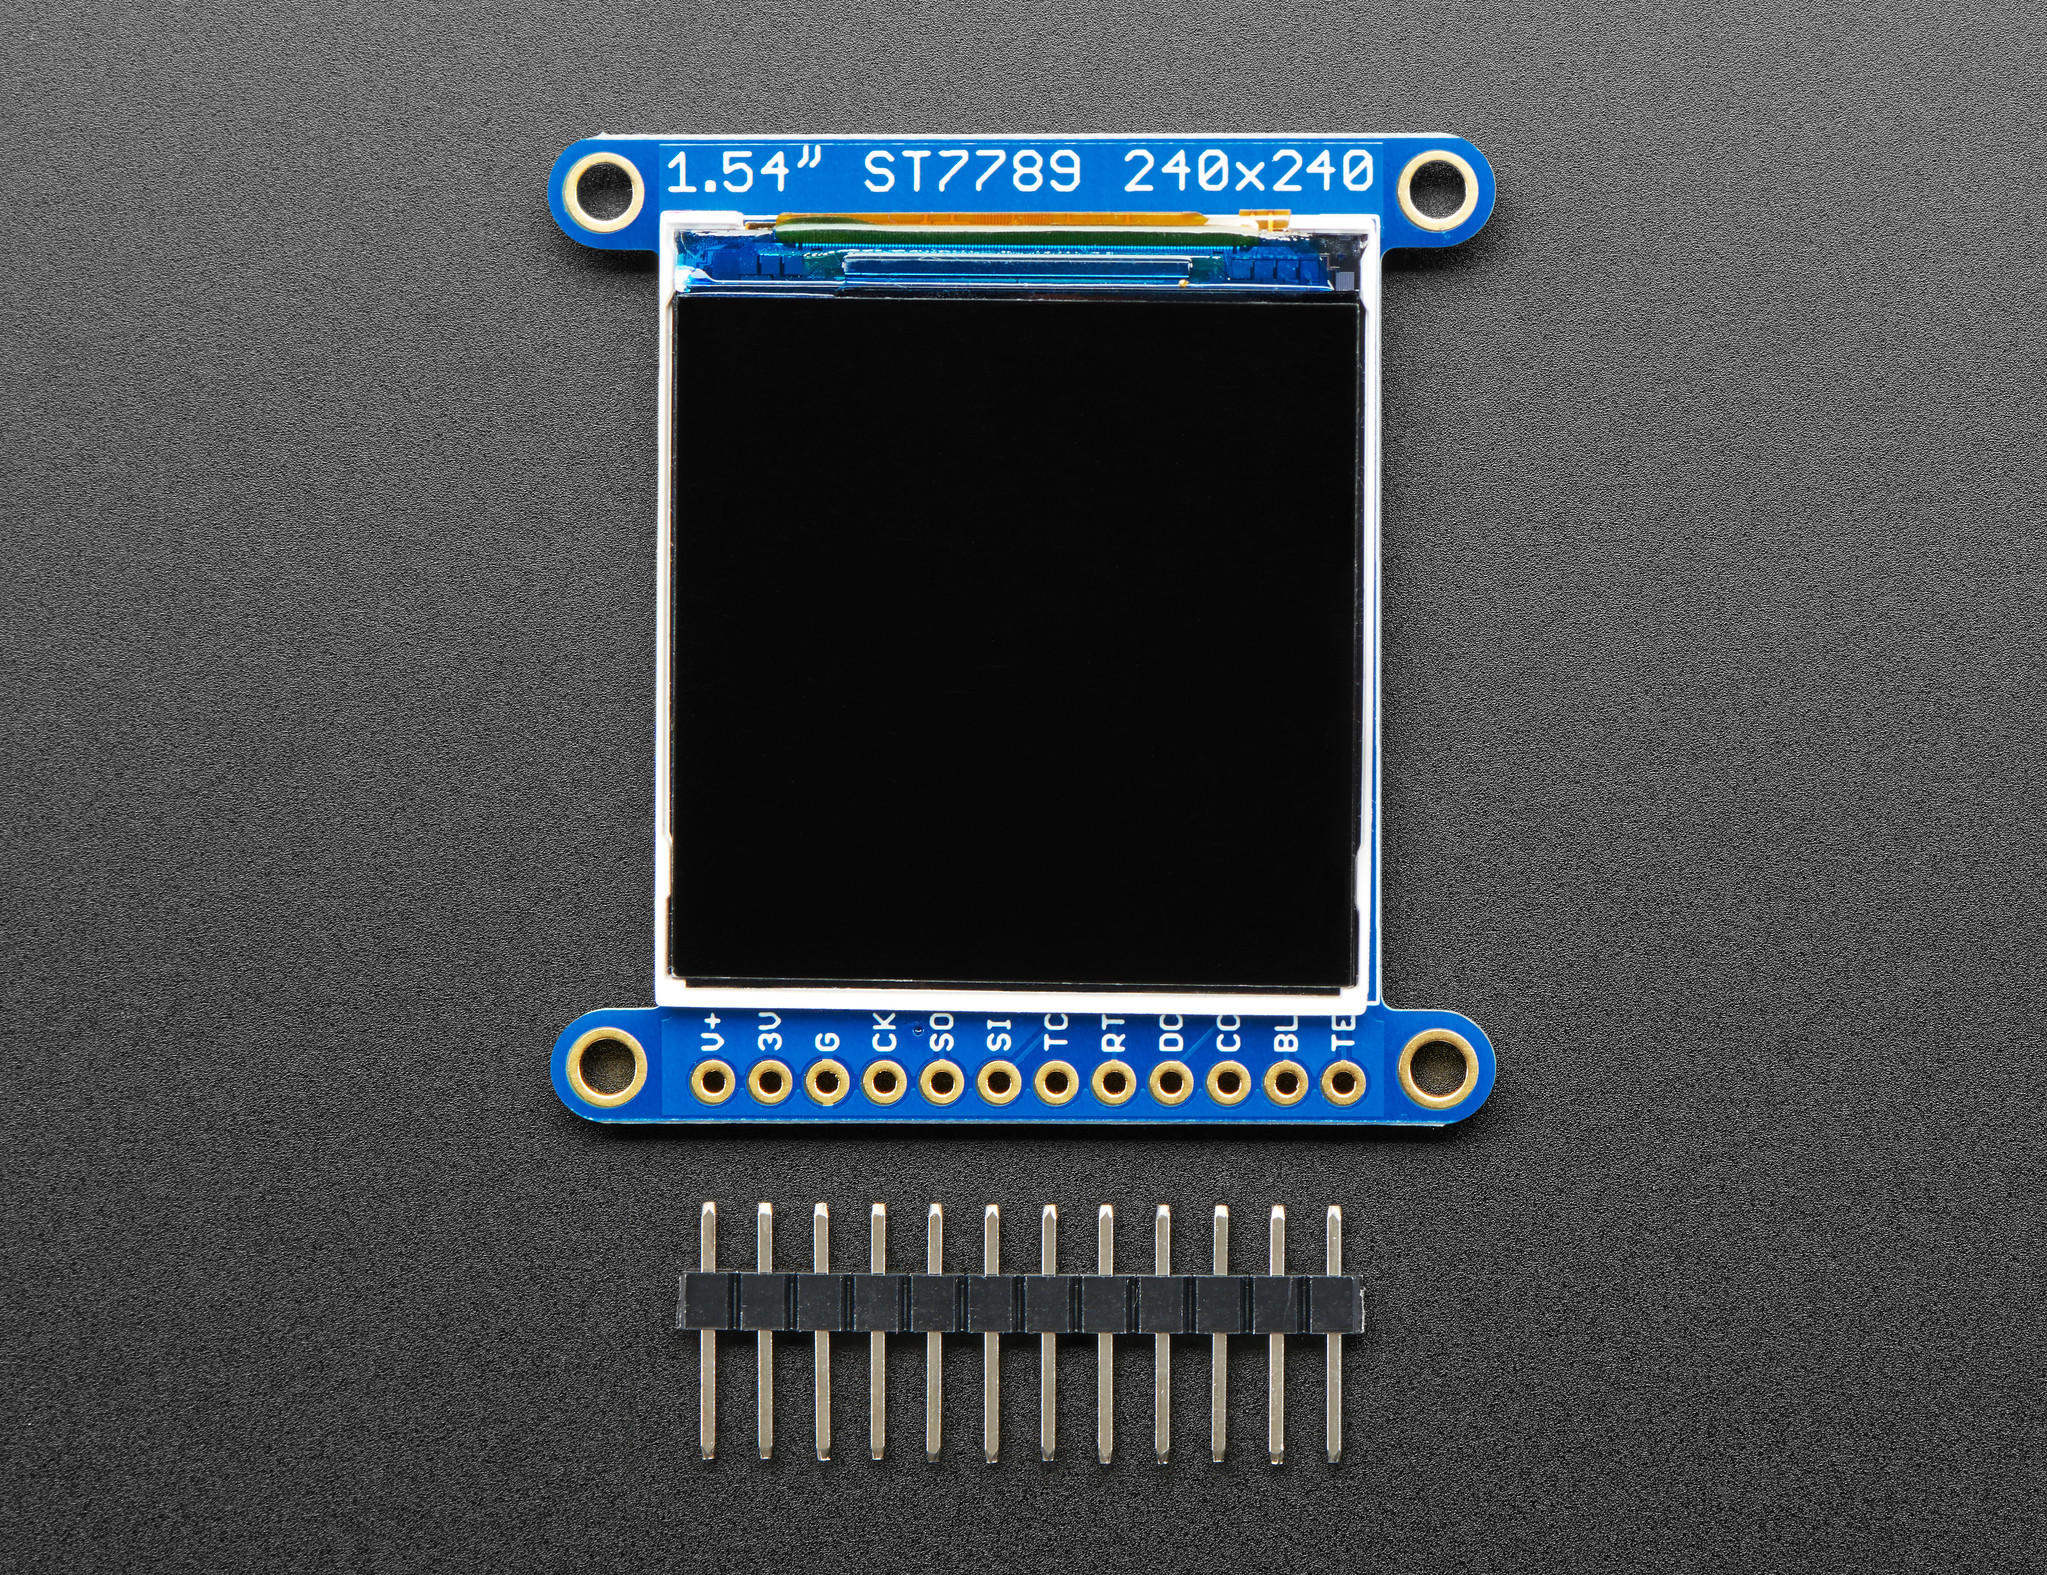 adafruit_products_1.54-inch-ips-tft-top.jpg